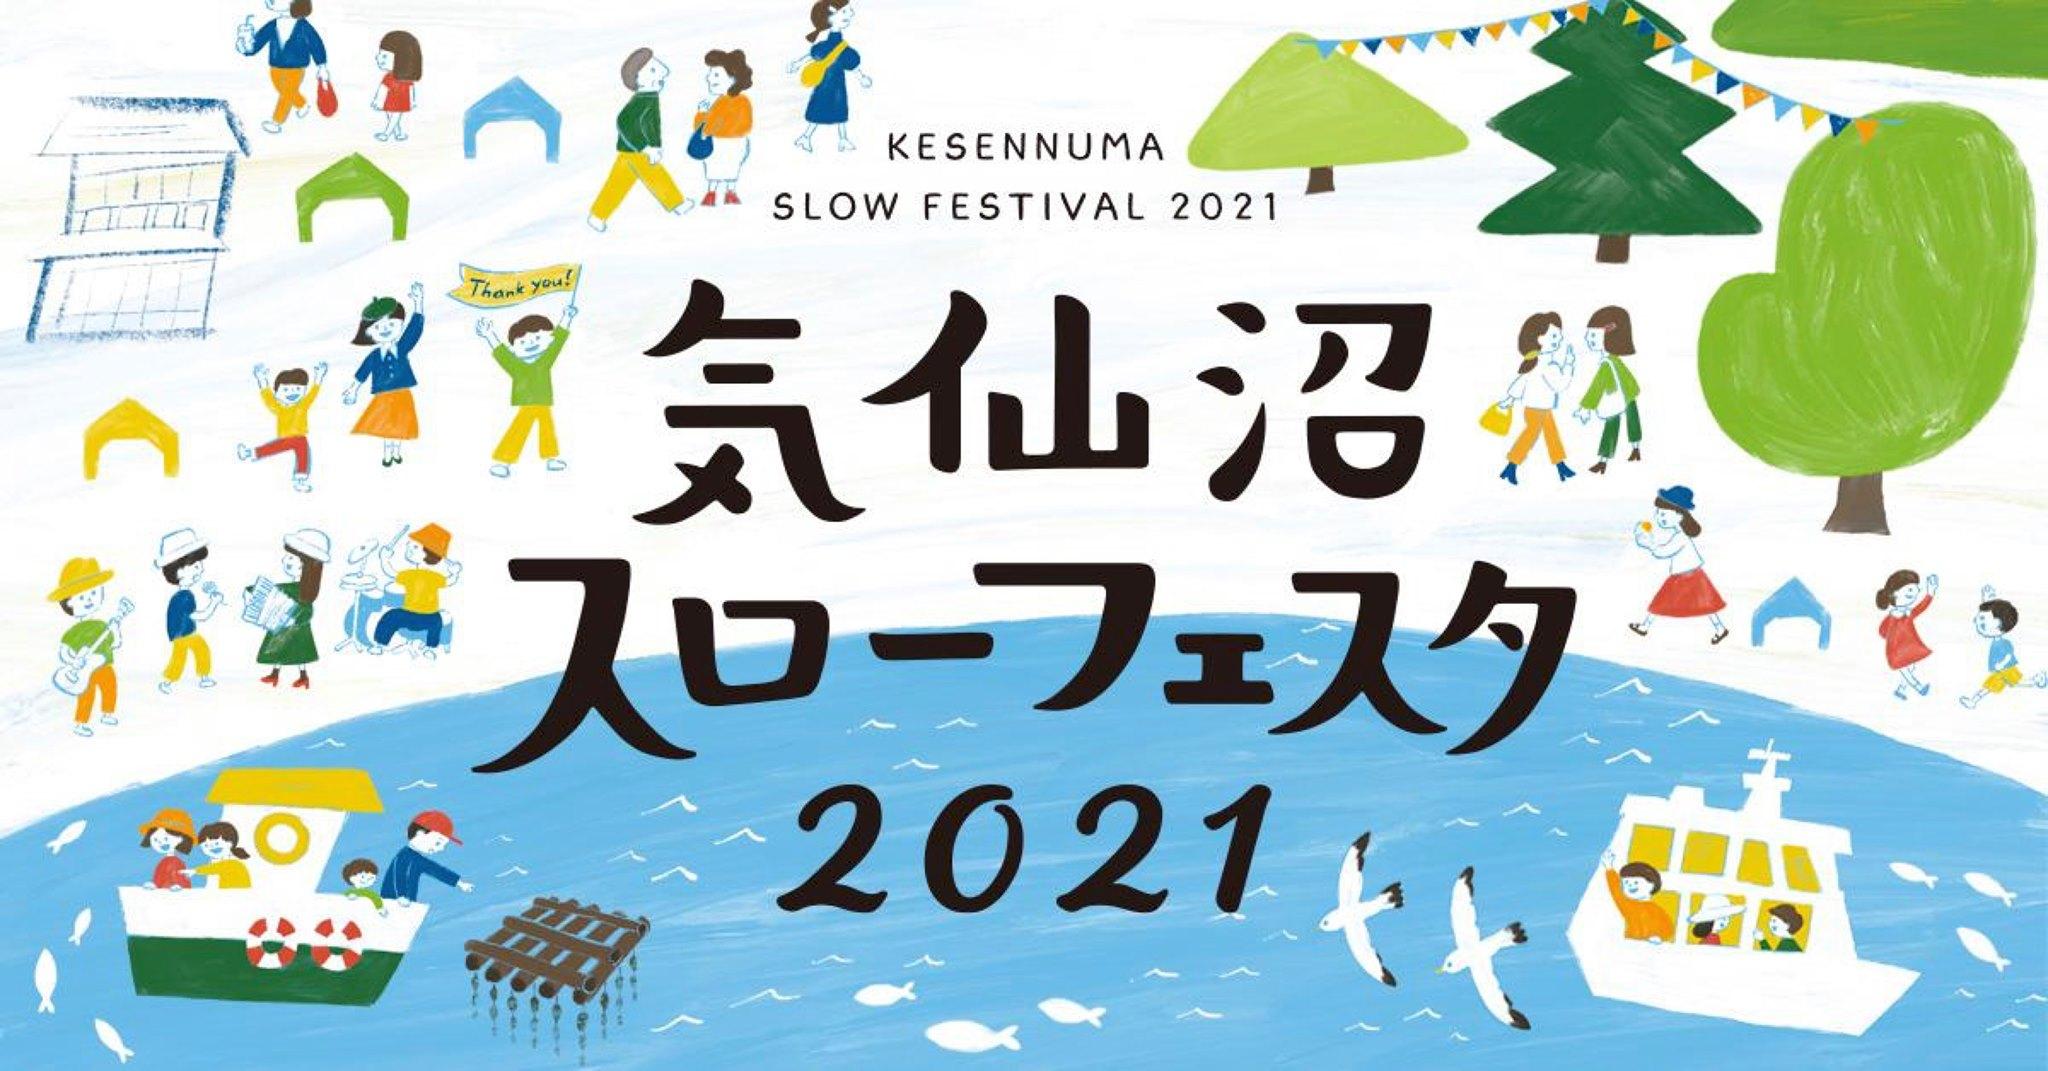 【11/6(土)、11/7(日)開催】気仙沼スローフェスタ2021!